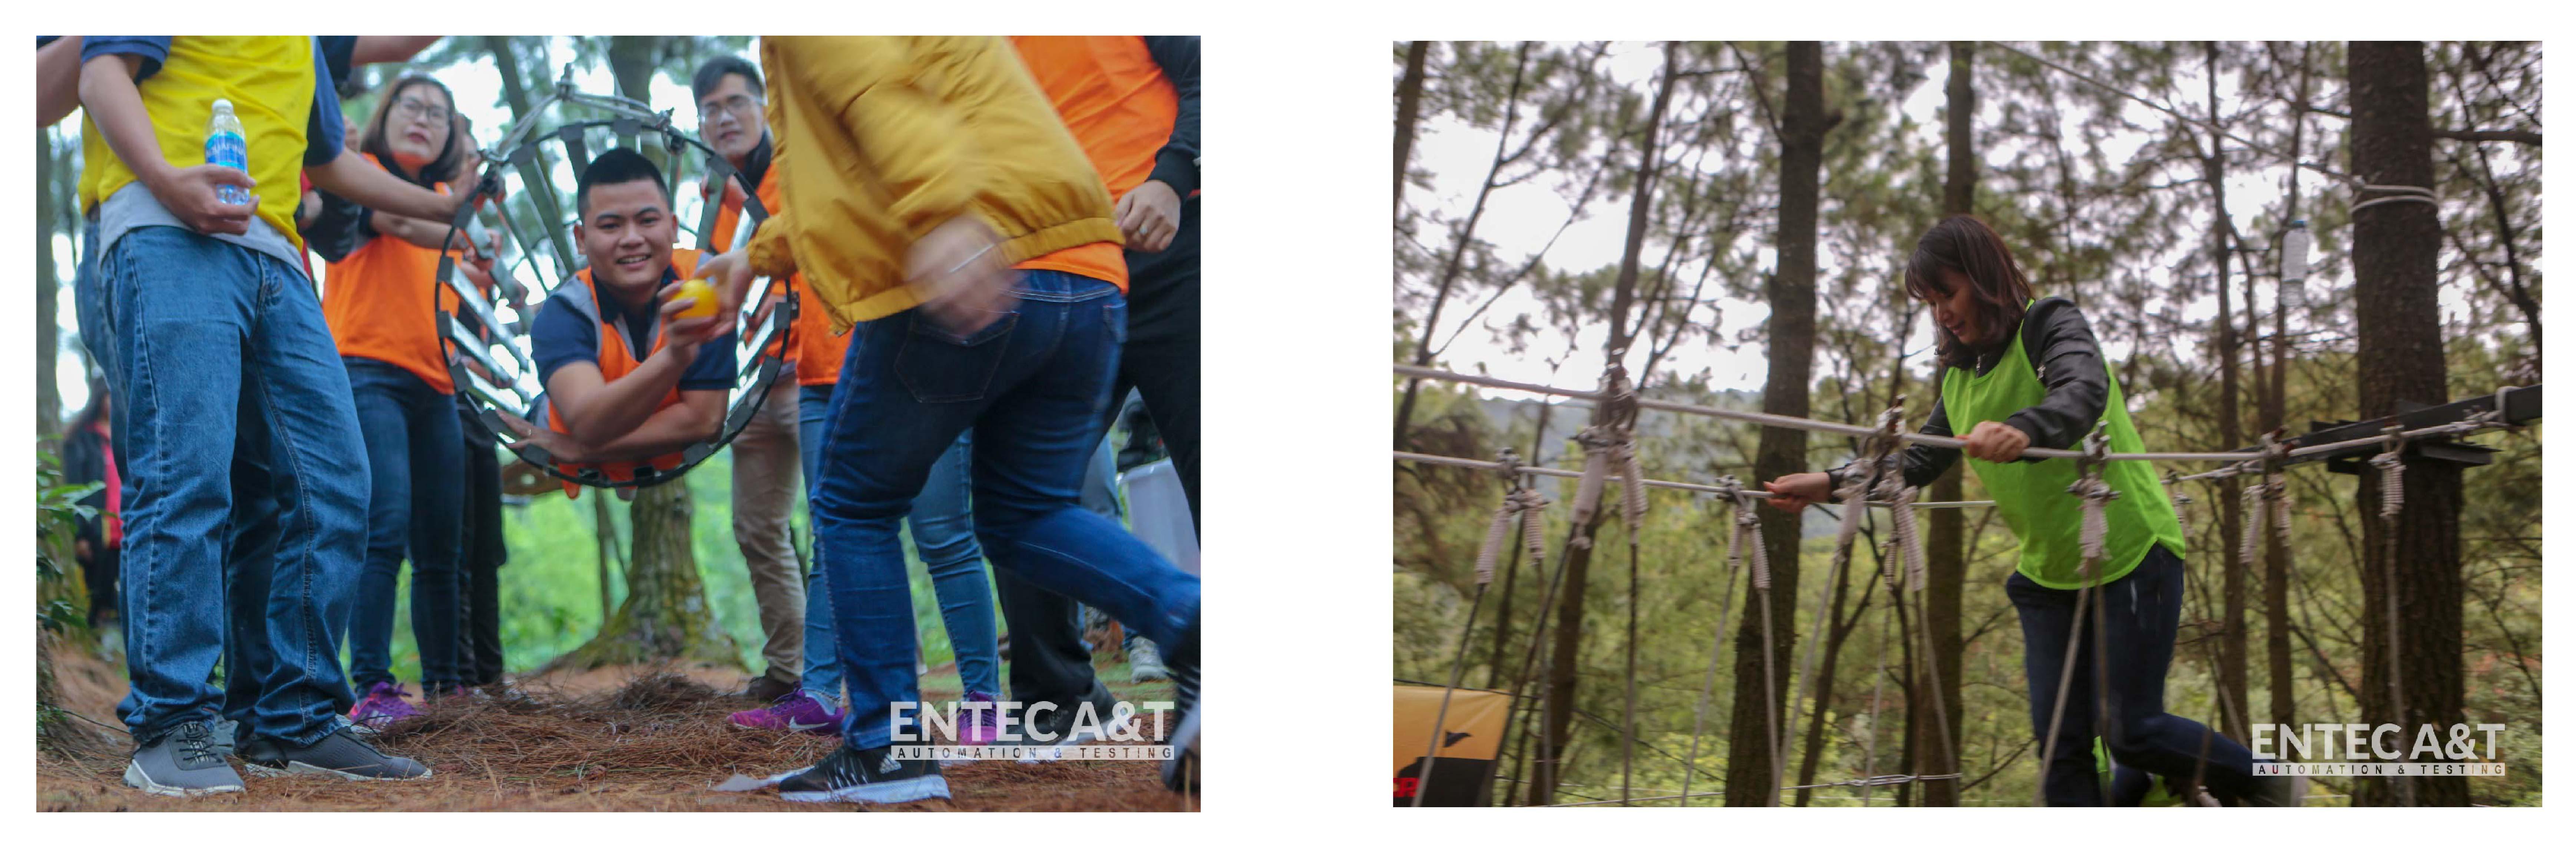 ENTEC A&T 3rd Bday-07